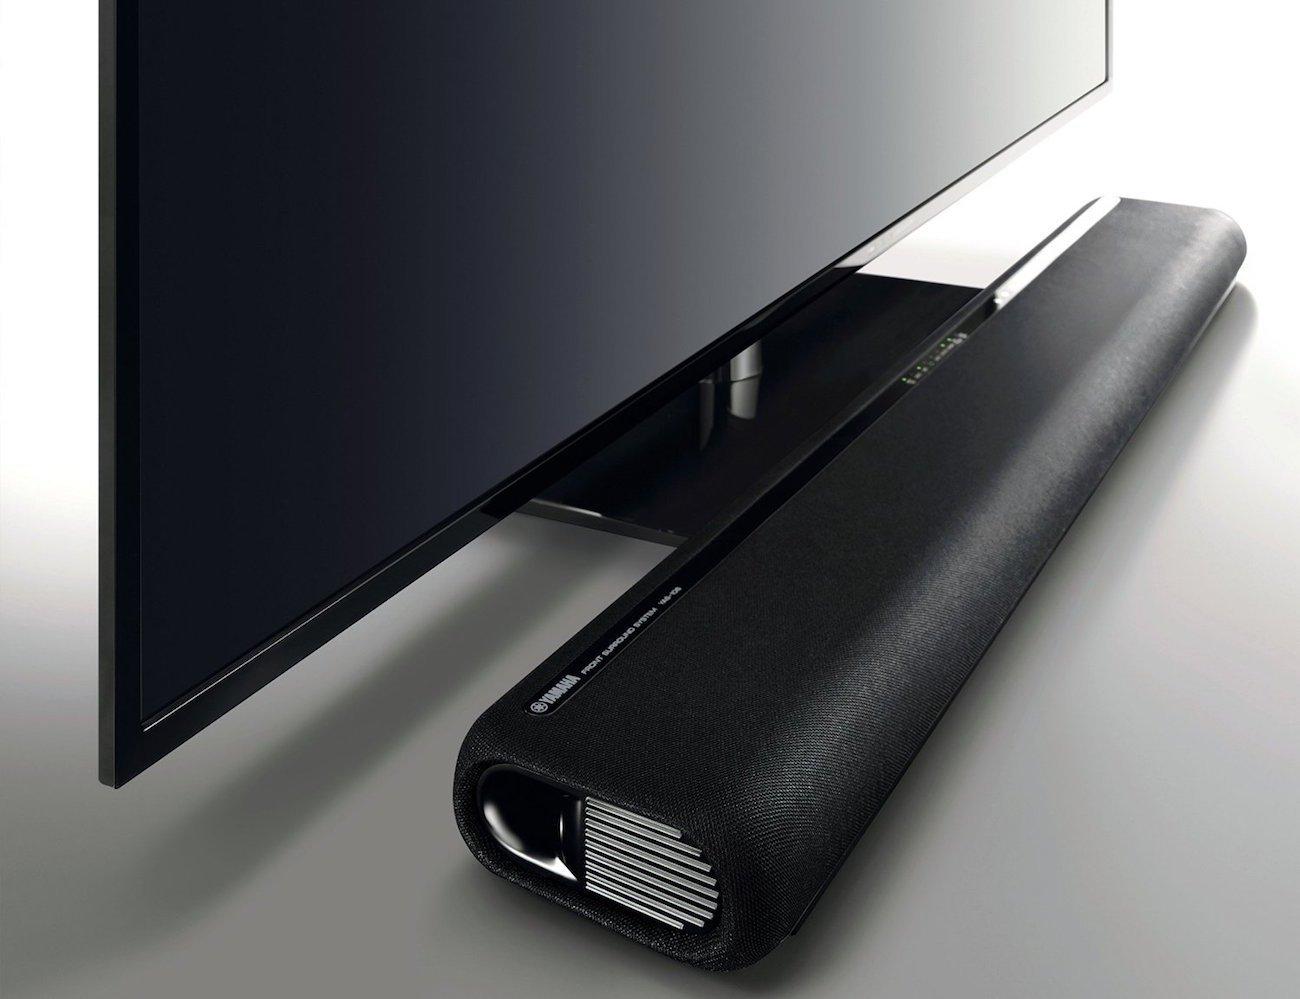 yamaha yas 106 sound bar gadget flow. Black Bedroom Furniture Sets. Home Design Ideas